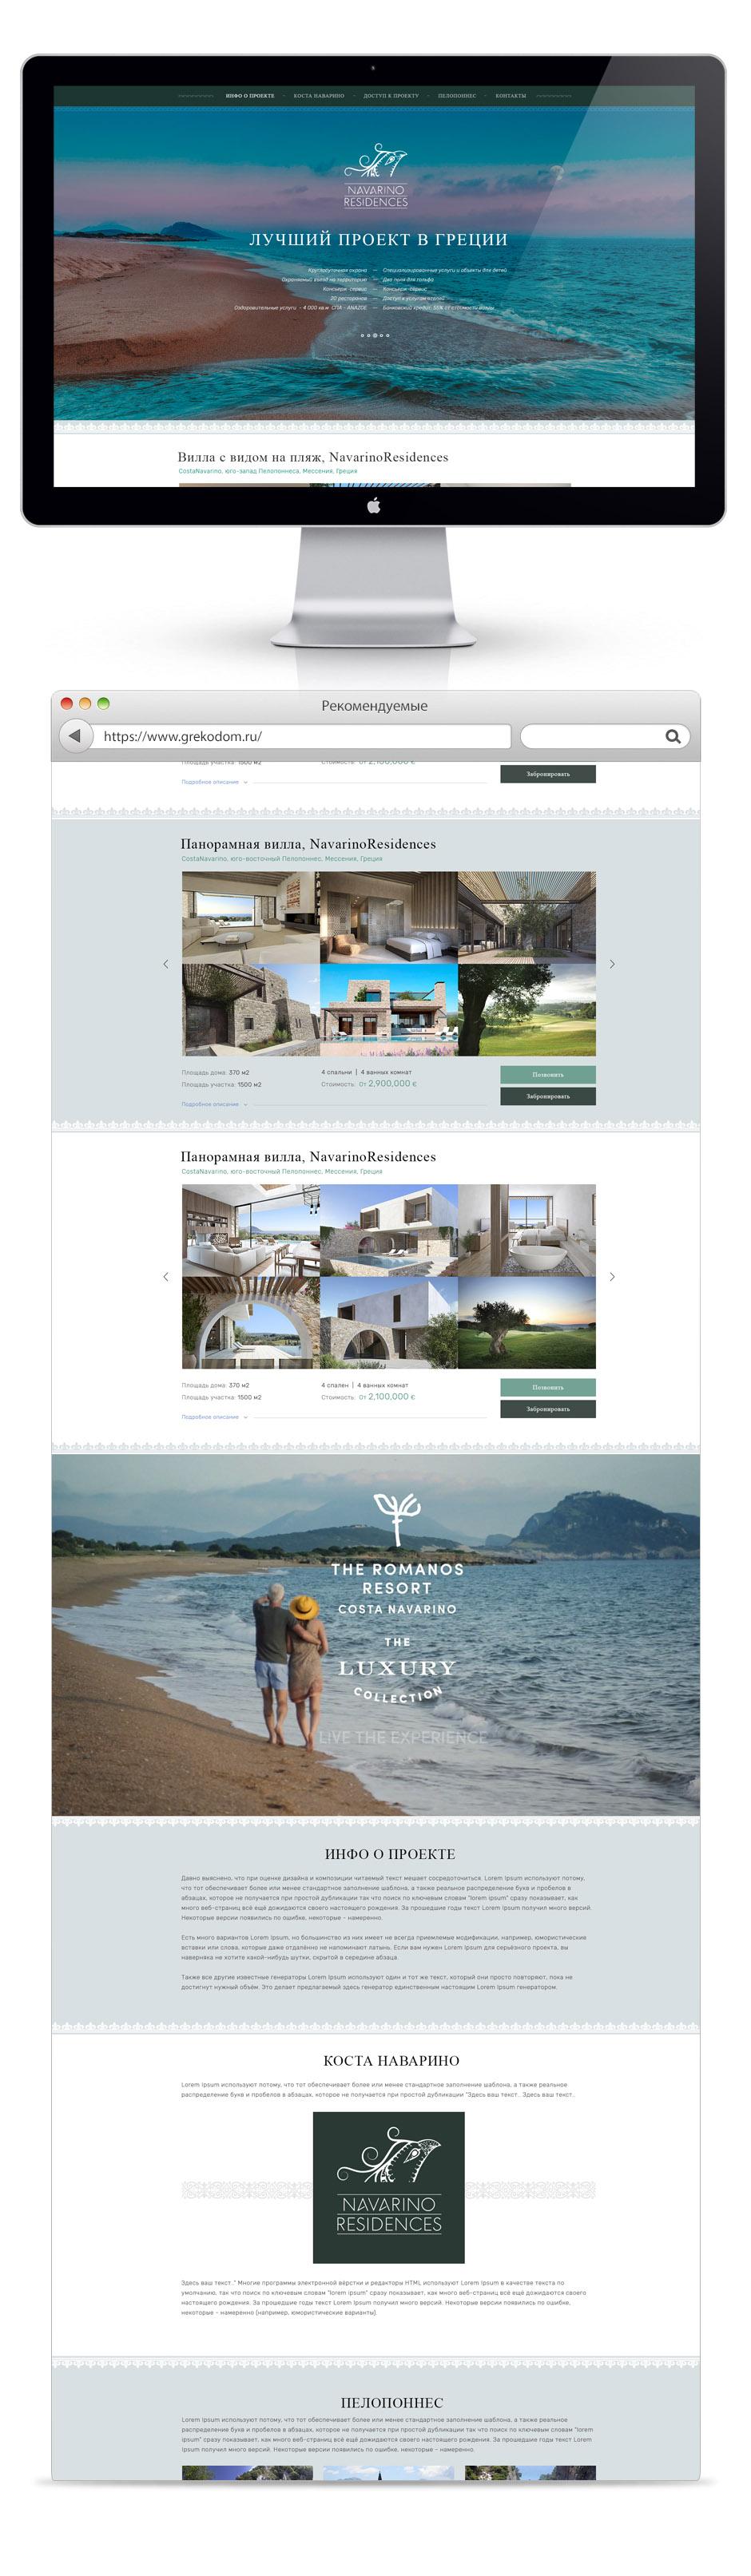 Создание сайта по недвижимости